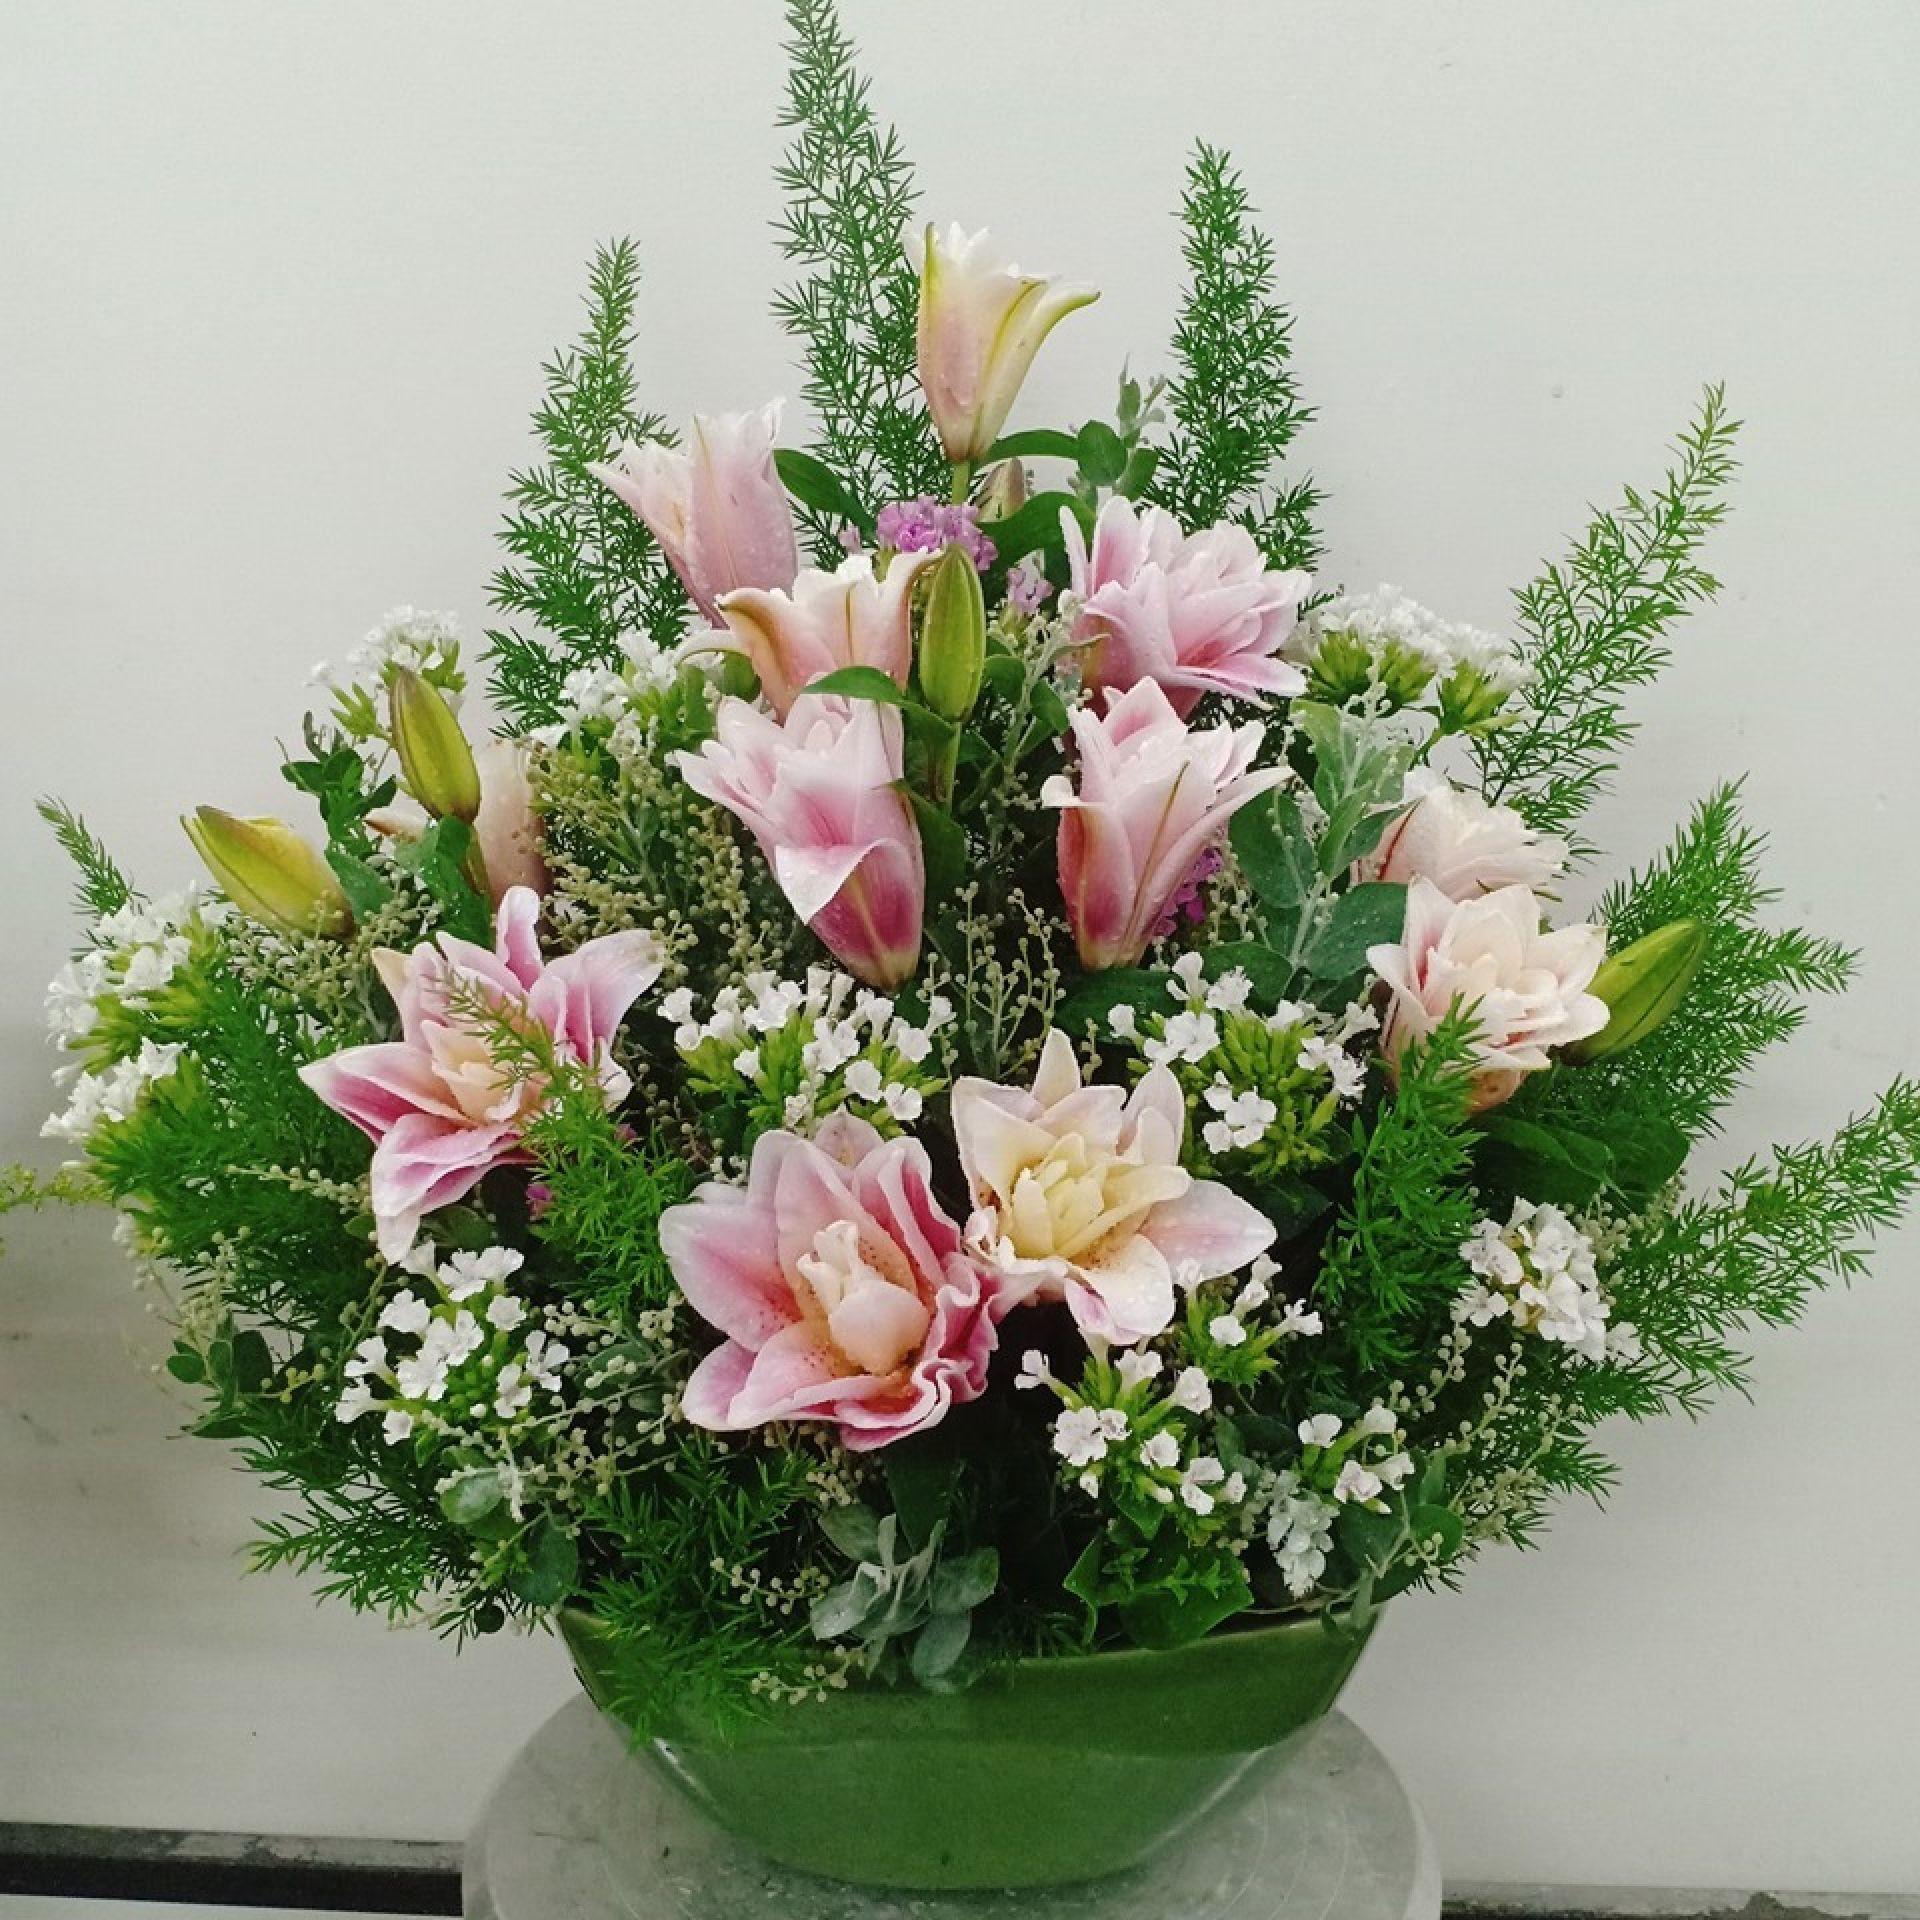 Hoa ly chúc mừng ngày Phụ nữ Việt Nam